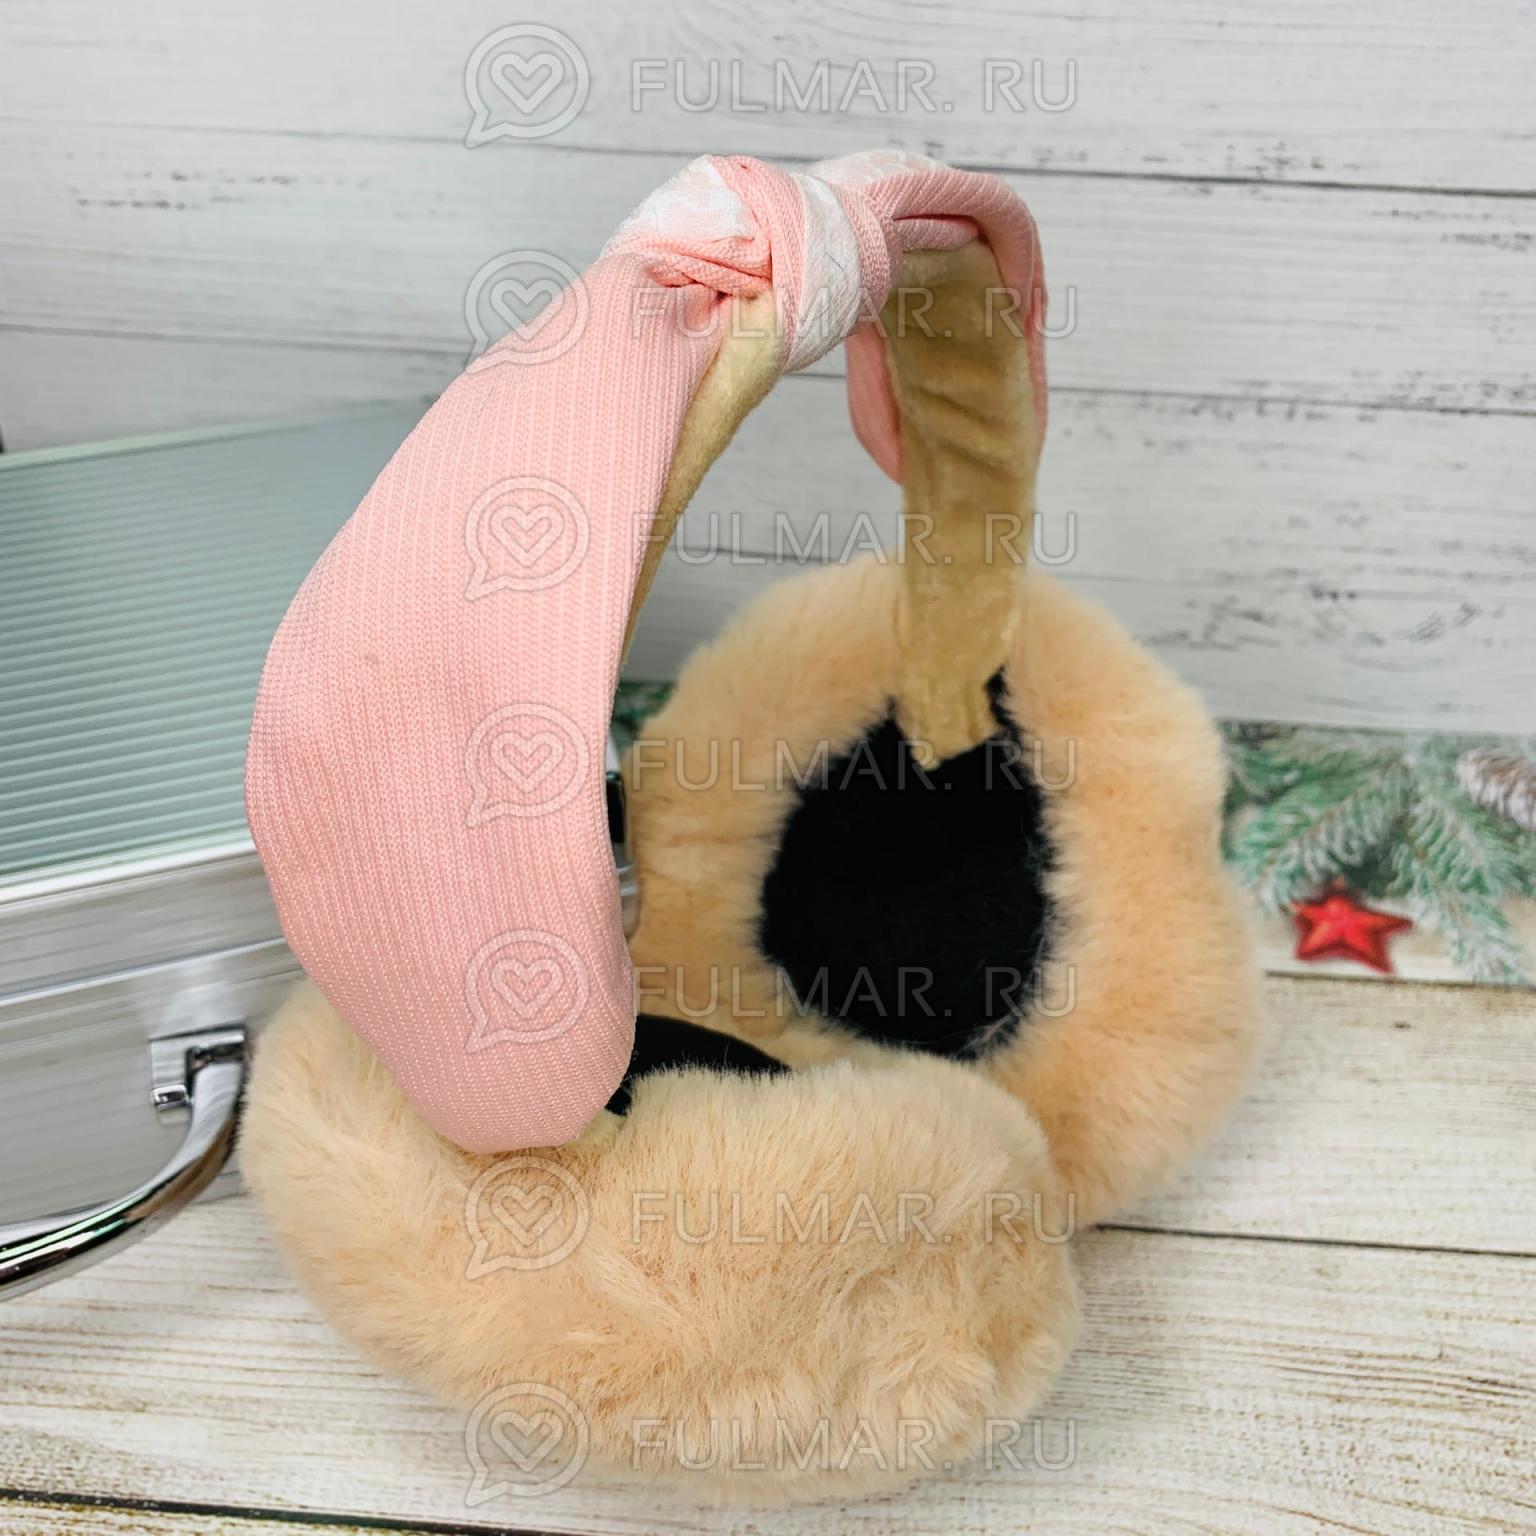 Наушники утеплённые складные с ободком-узлом Lolita цвет: Молочный-Розовый